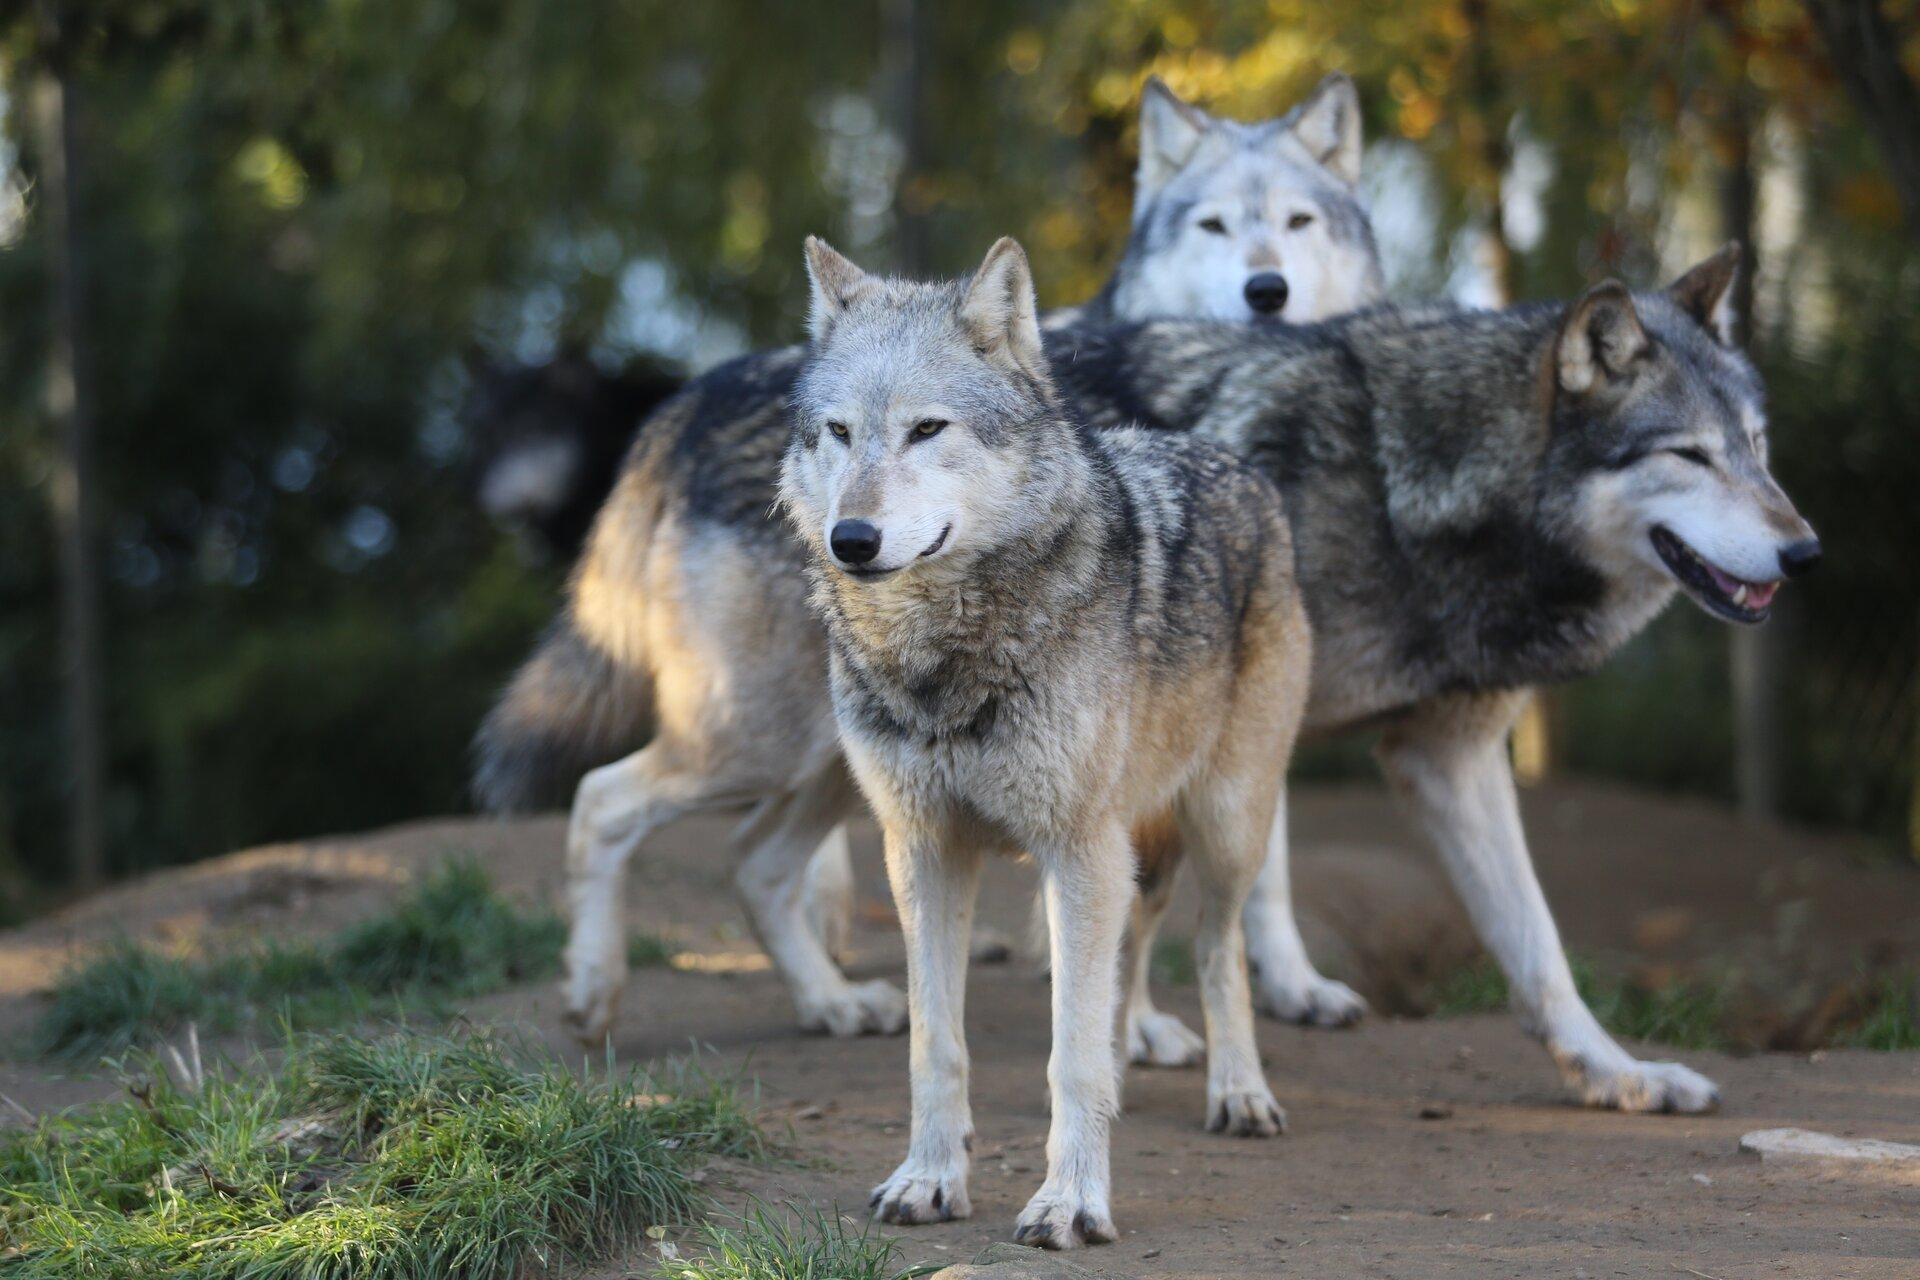 Fotografia przedstawia trzy wilki zimą wlesie. Stoją jeden za drugim, dwa patrzą wprzód, na obserwatora, atrzeci stoi bokiem. Ich sierść jest gęsta iszara, ciemna na grzbiecie, jasna pod brzuchem. Czarne nosy, żółte oczy inieduże, trójkątne uszy, nastawione do góry. Jeden ma lekko otwarty pysk zdużymi, białymi kłami.